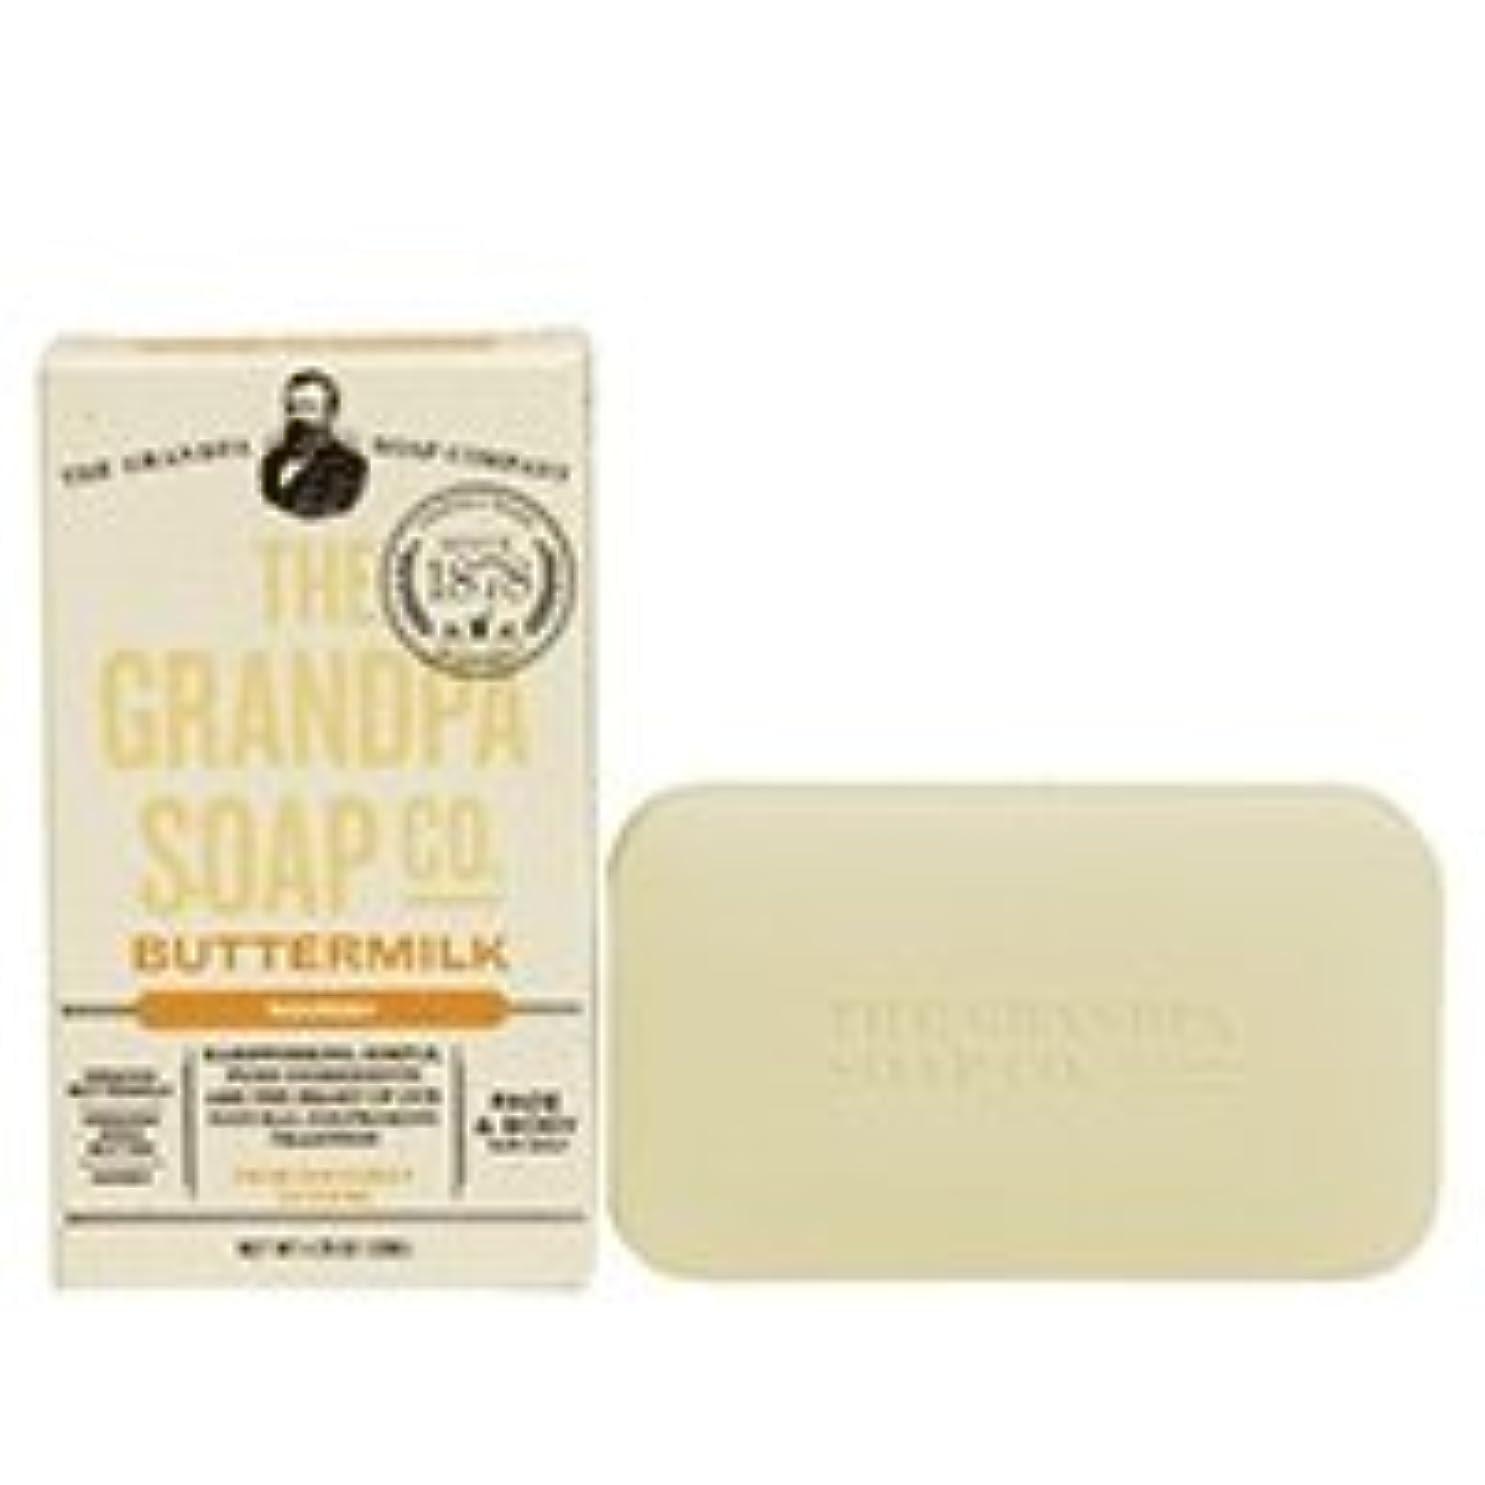 許されるあからさま既にグランパ バターミルクナリッシュソープ 3.25oz(約92g)2個